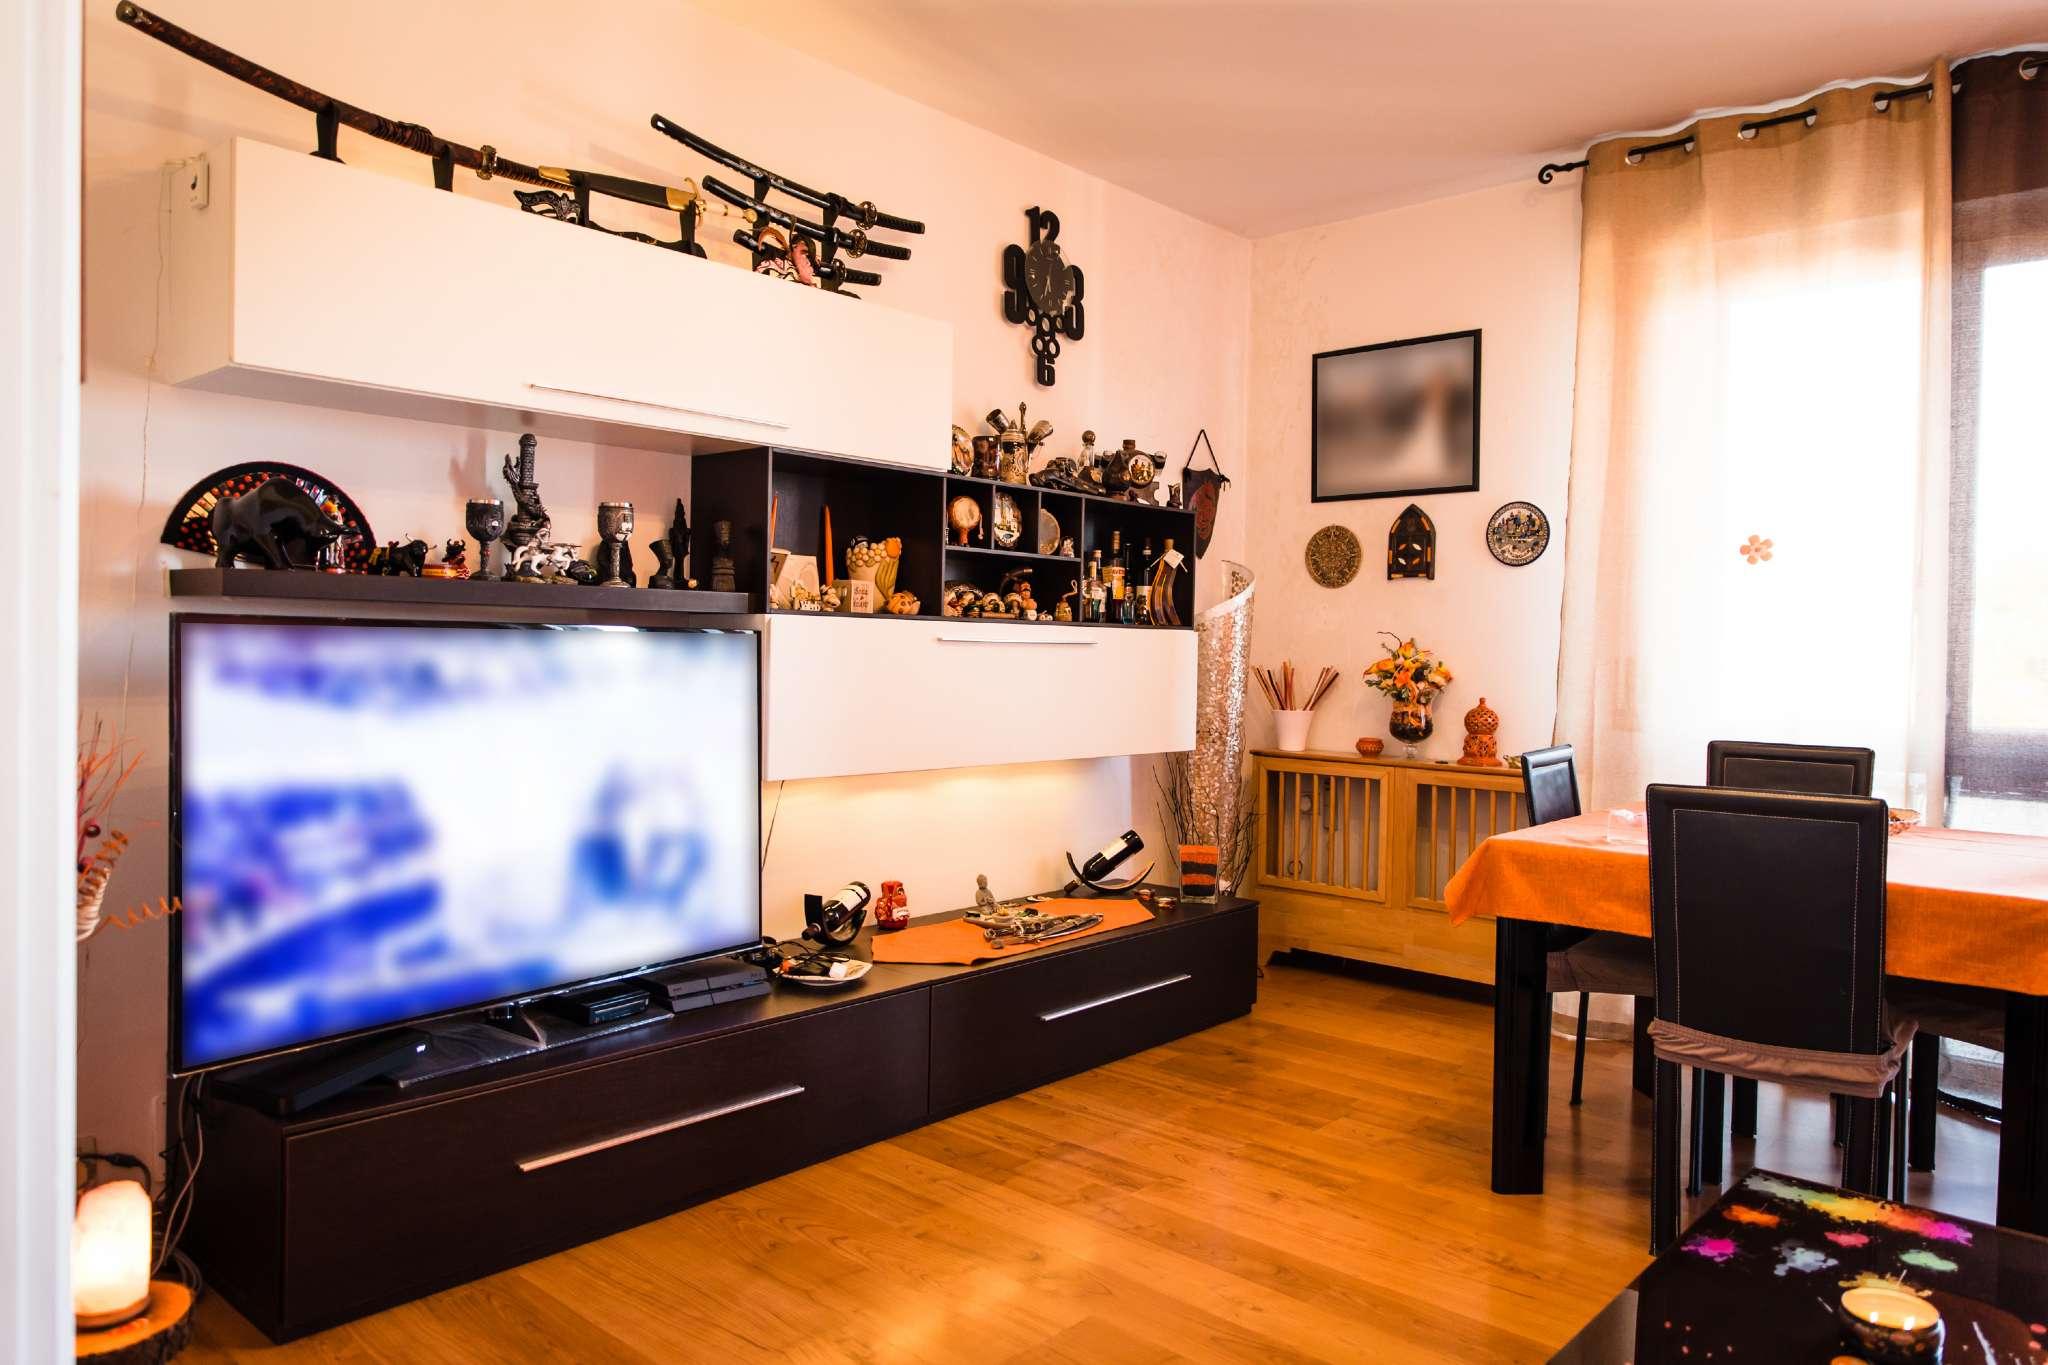 Appartamento in vendita a Udine, 5 locali, prezzo € 99.000 | PortaleAgenzieImmobiliari.it